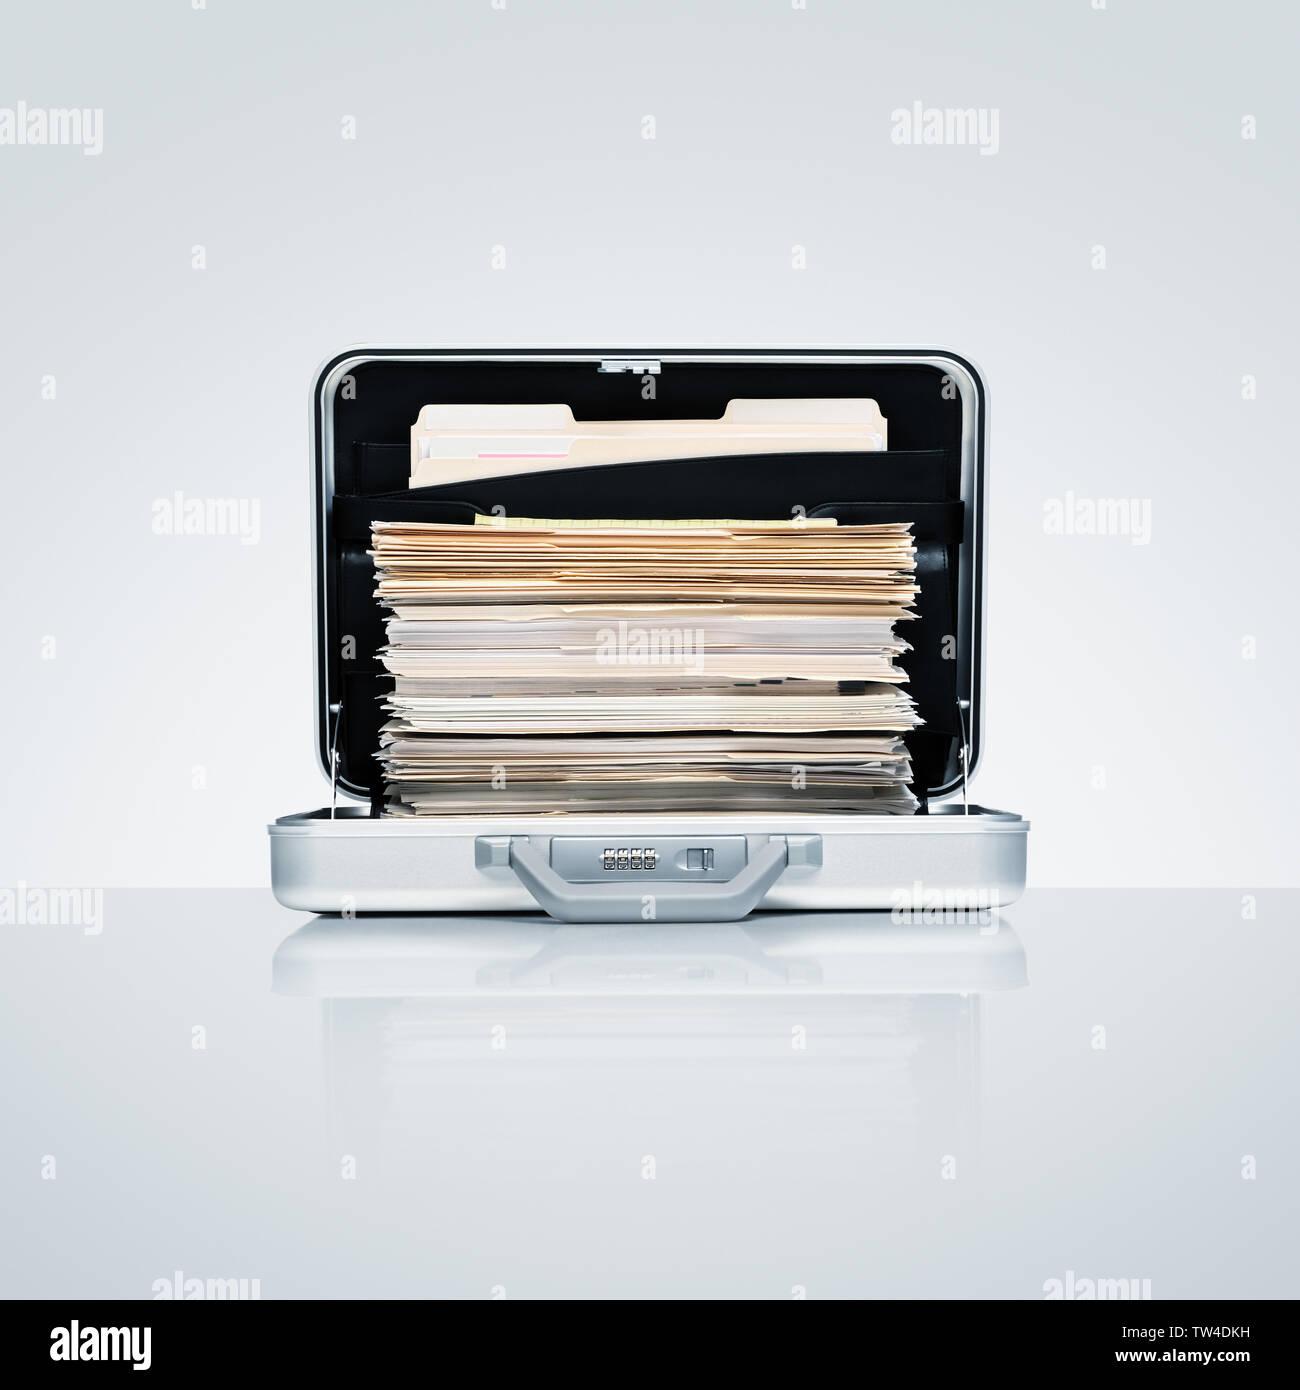 Mallette en aluminium avec pile ambitieux des fichiers et dossiers sur la surface en aluminium gris froid avec réflexion subtile Photo Stock